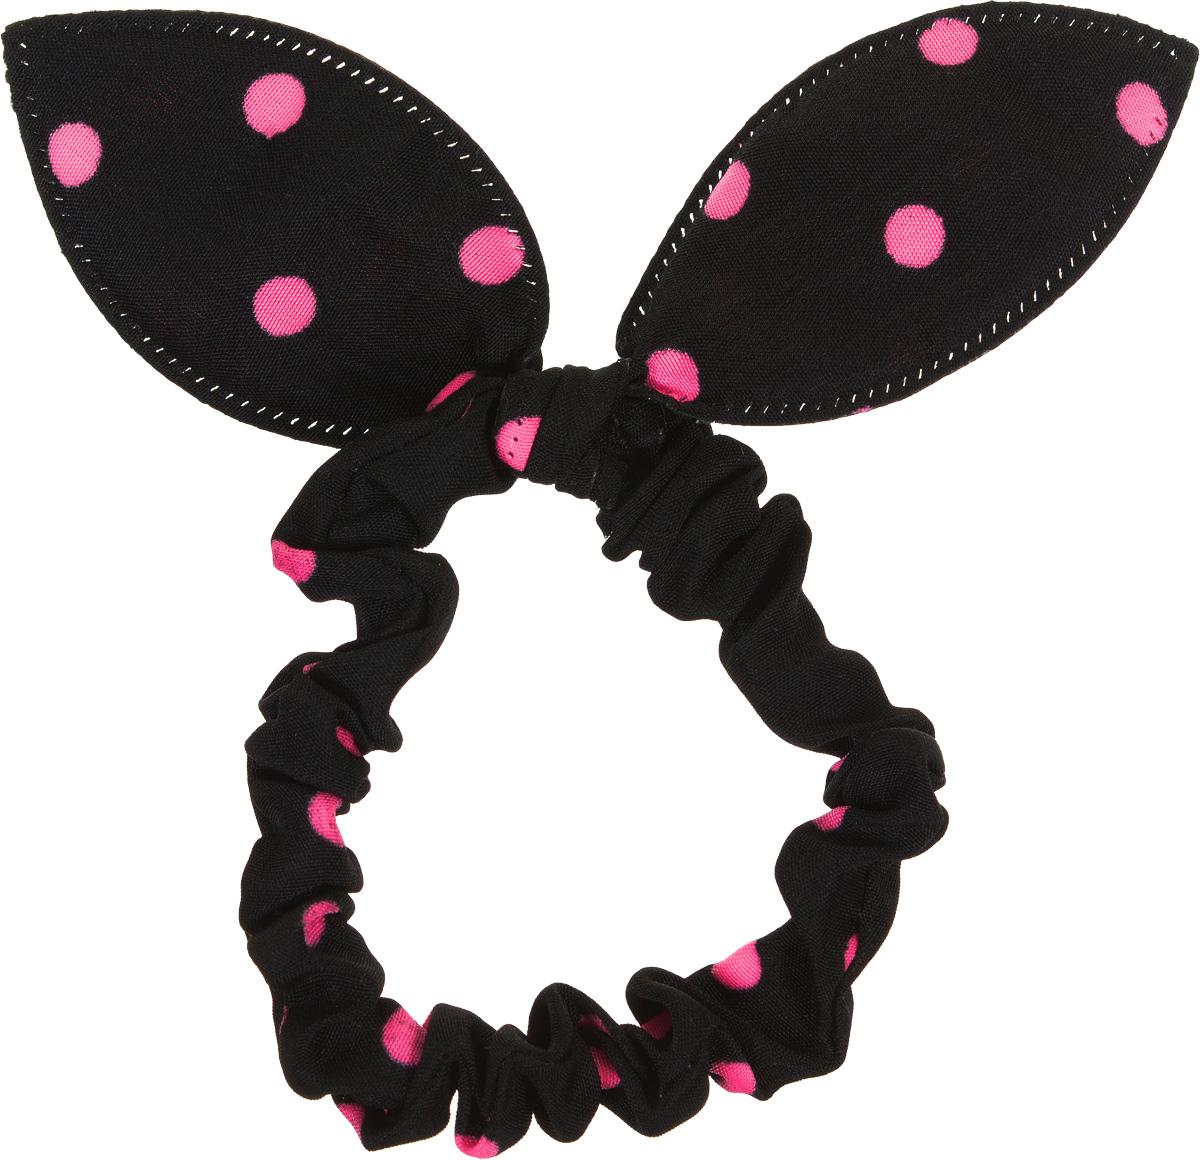 Magic Leverage Резинка для волос, цвет: розовый, черныйMP59.4DСтильная резинка для волос Magic Leverage подчеркнет красоту вашей прически. Резинка выполнена из мягкого текстильного материала и оформлена стильным принтом в горох, а также дополнена оригинальным бантиком, который будет великолепно смотреться в ваших волосах. С помощью такой резинки вы сможете создать множество оригинальных причесок. Яркость и удобство резинки для волос делают ее практичным и модным аксессуаром.